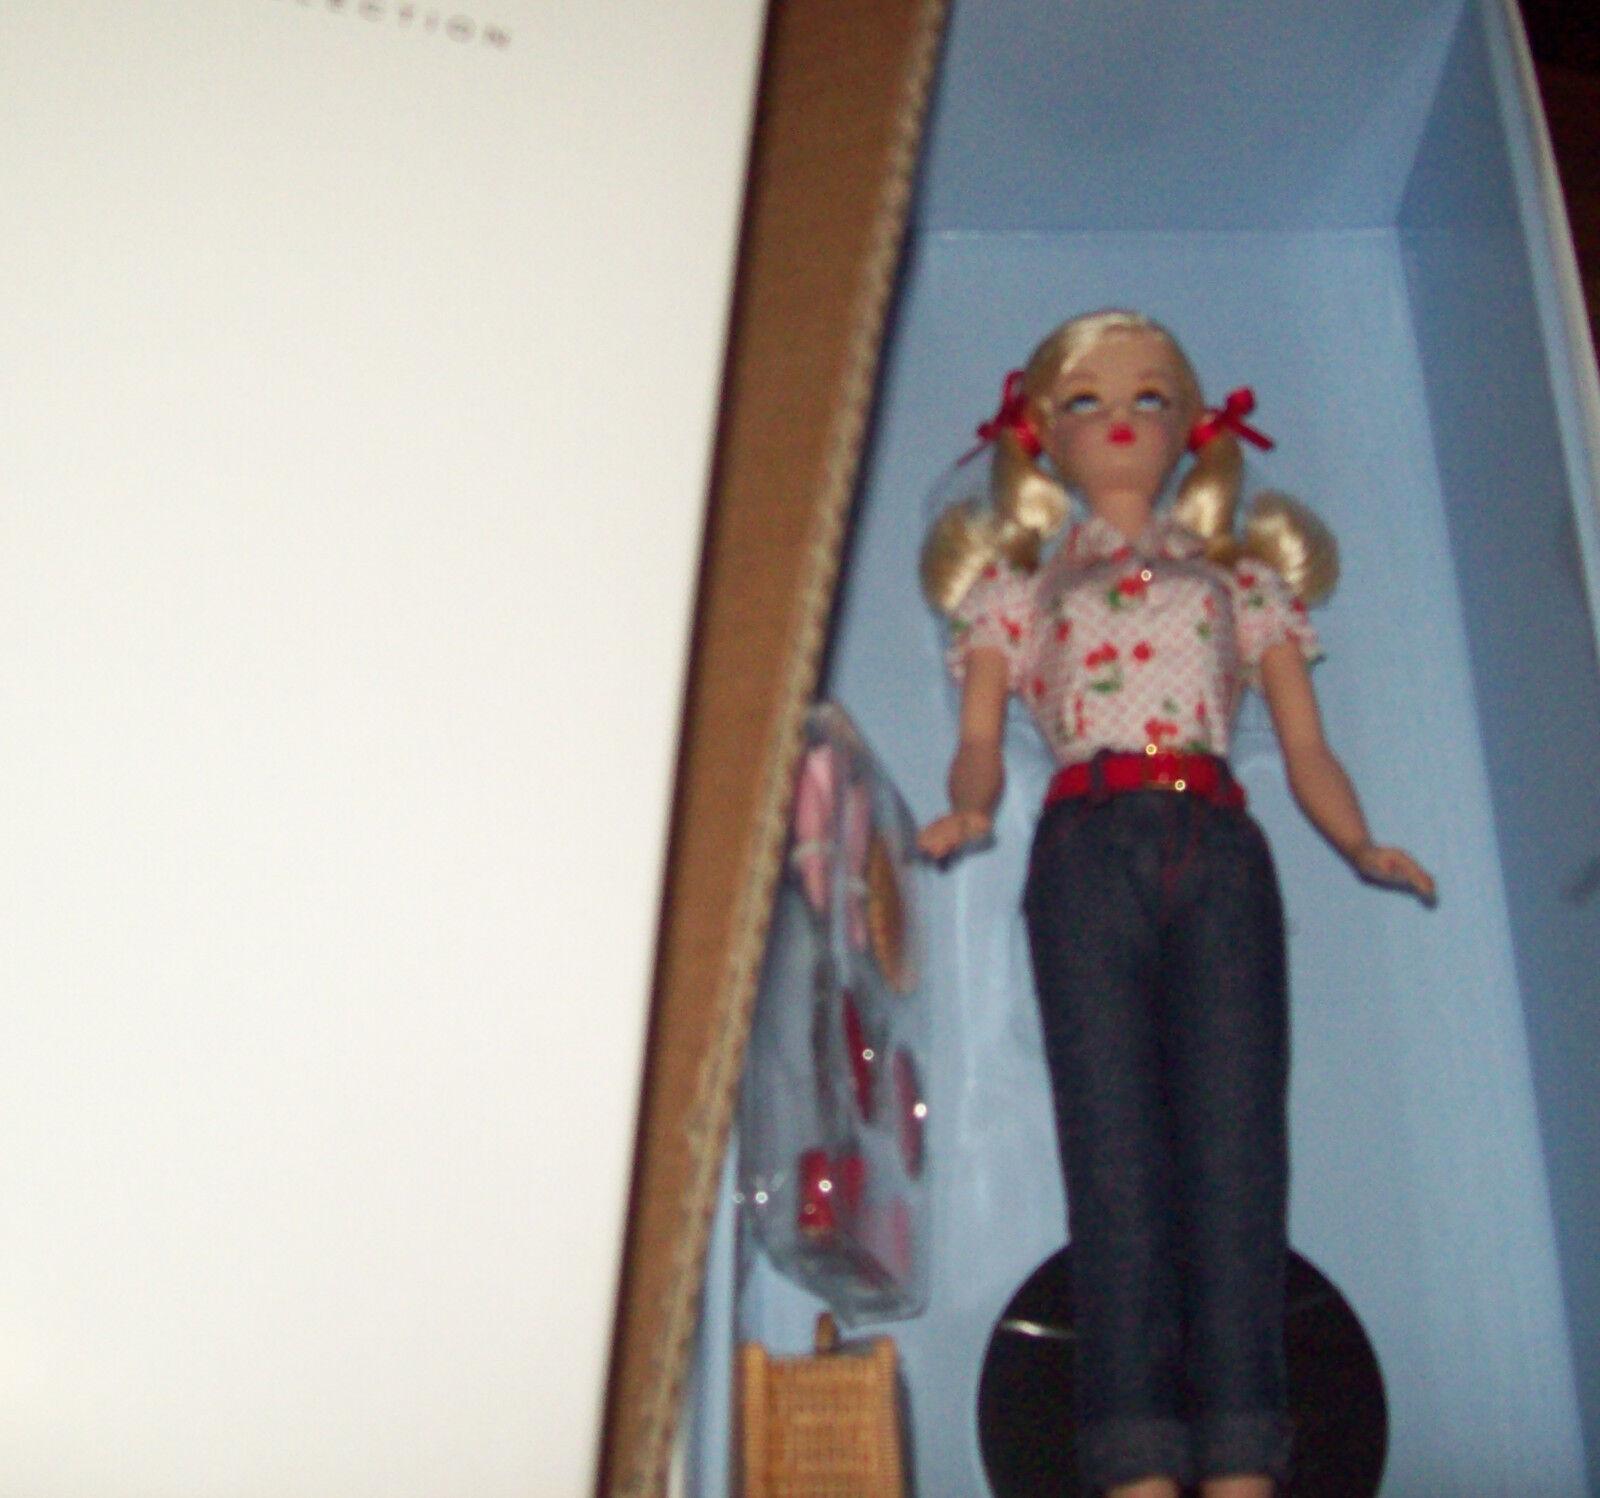 El año 2015 una tarta de cereza De Picnic Barbie Muñeca Nrfb Sauces, Wi Collection Mattel ¡ nuevo